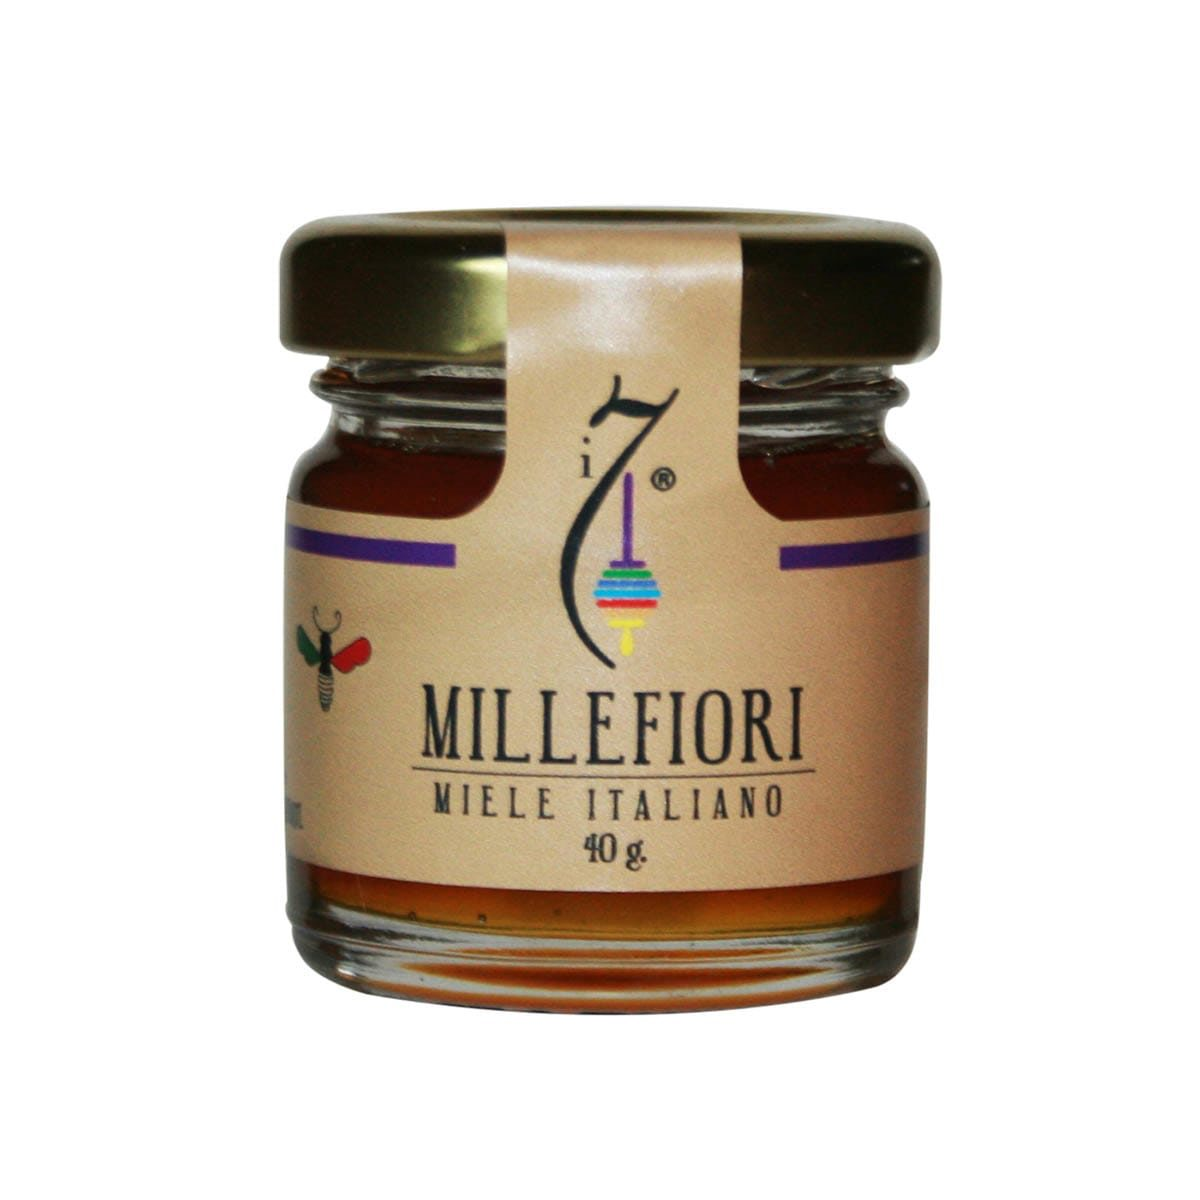 Miele di Millefiori i 7 40 gr